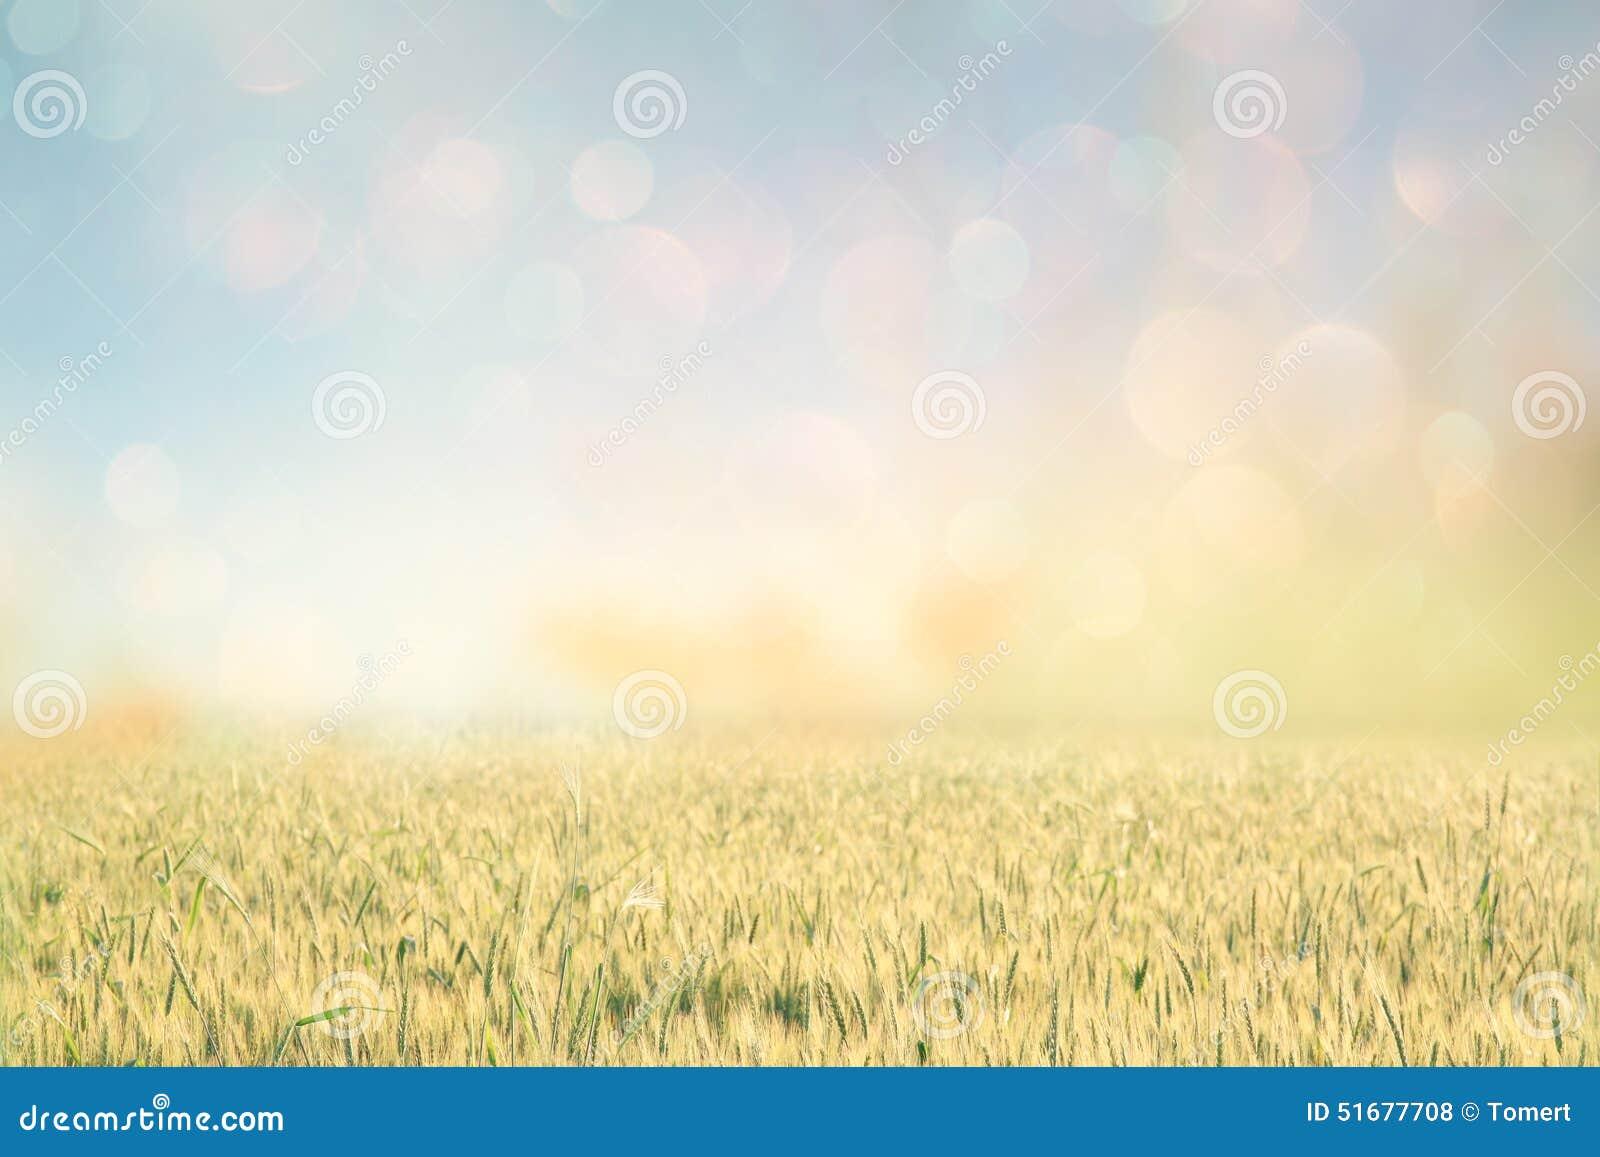 Abstraktes Foto des Weizenfeldes und des hellen Himmels Instagram-Effekt